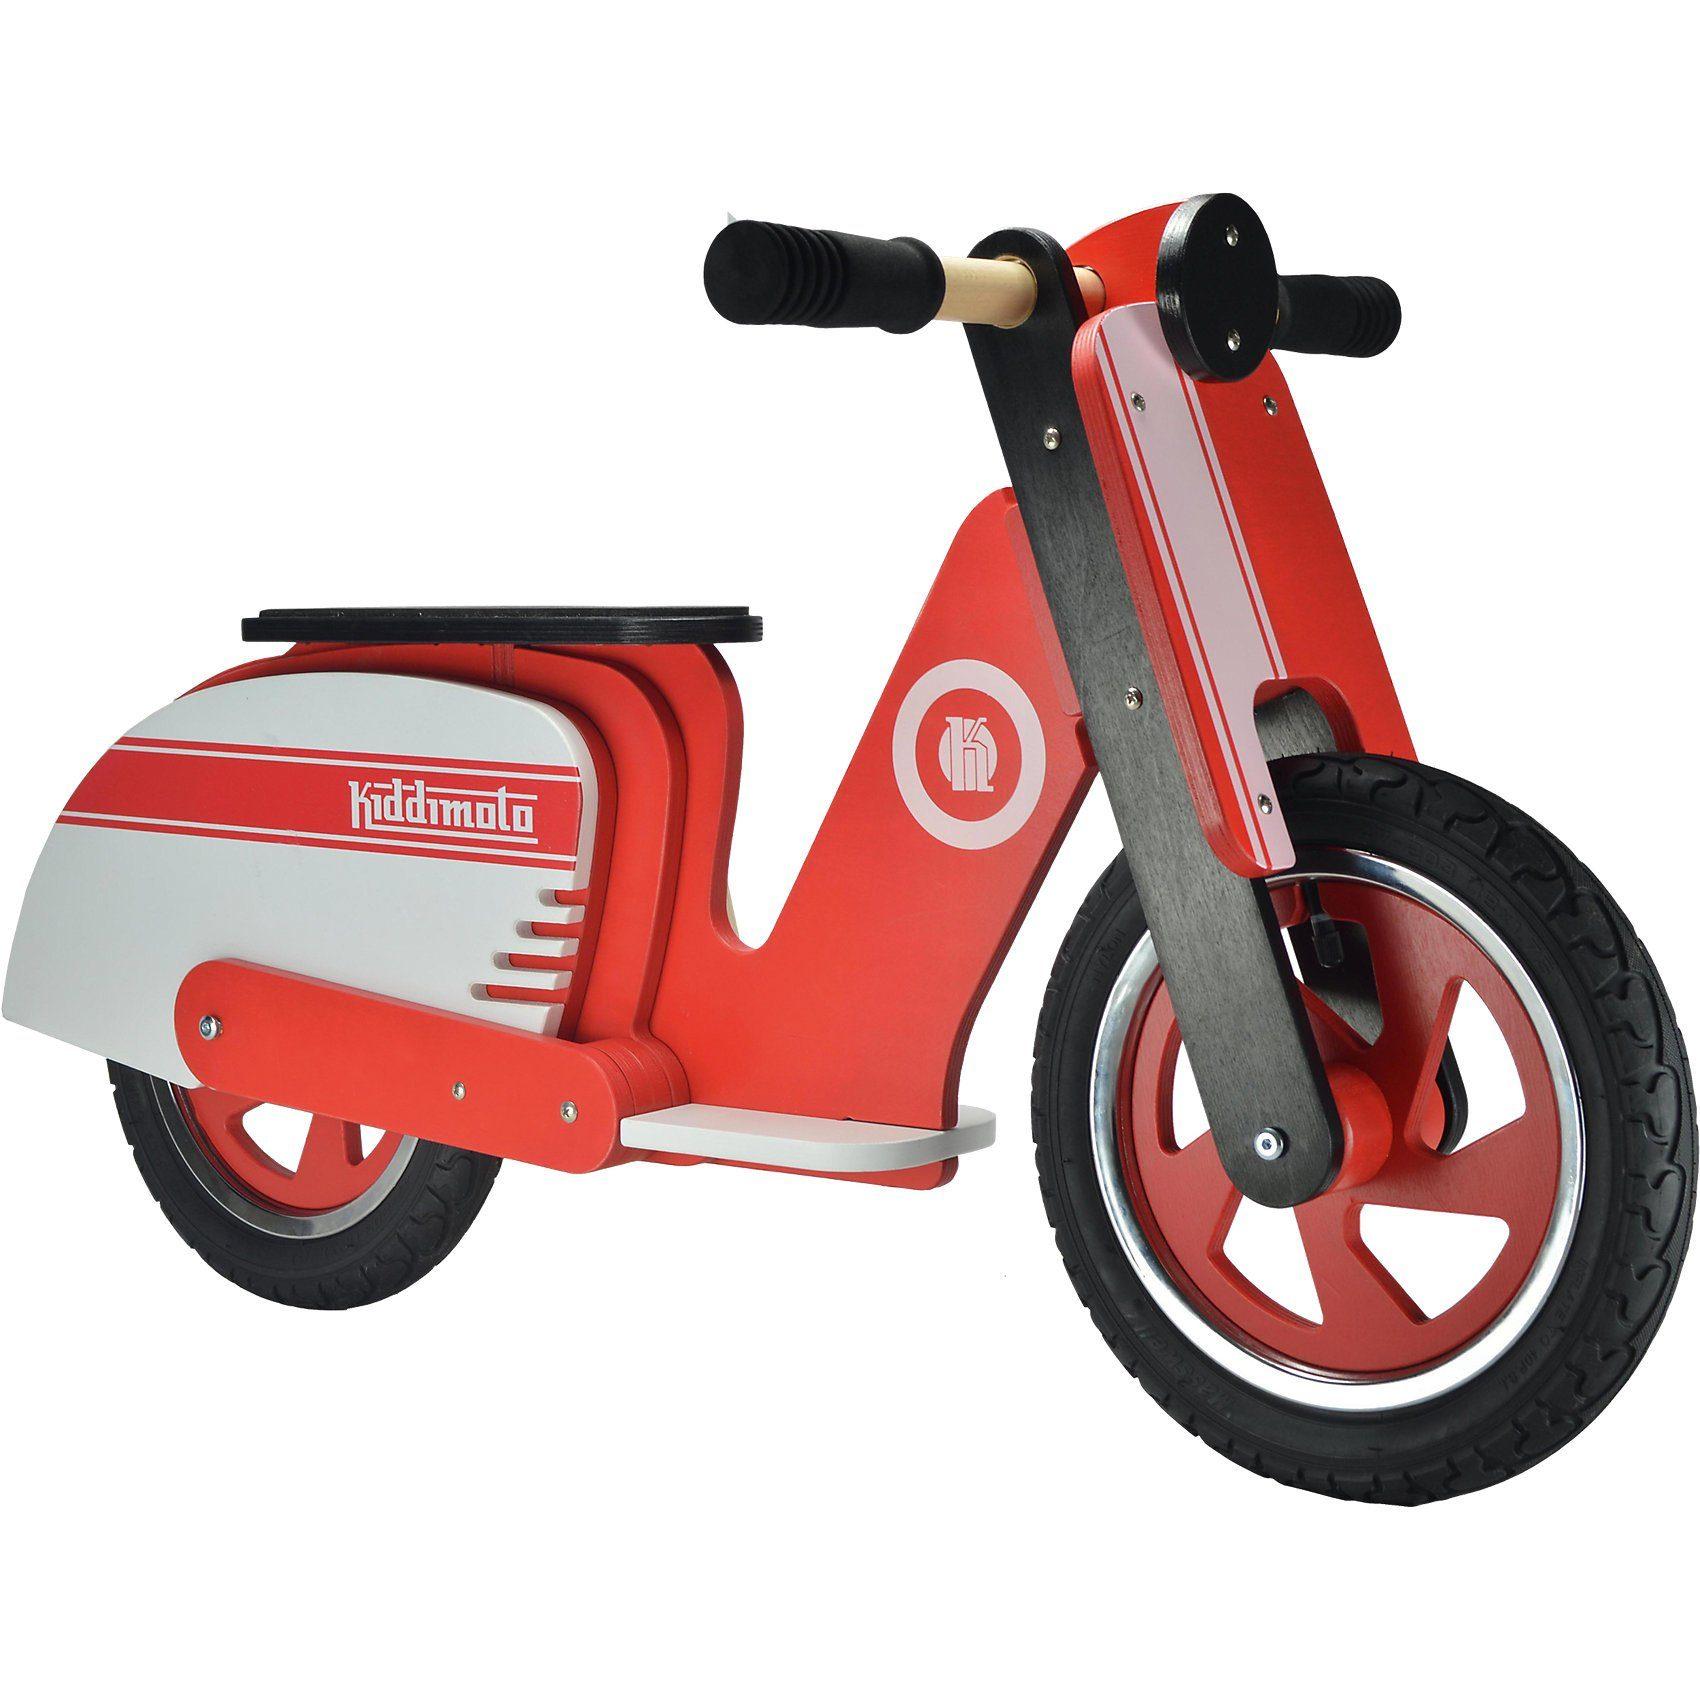 kiddimoto Retro Laufrad, Red Stripe